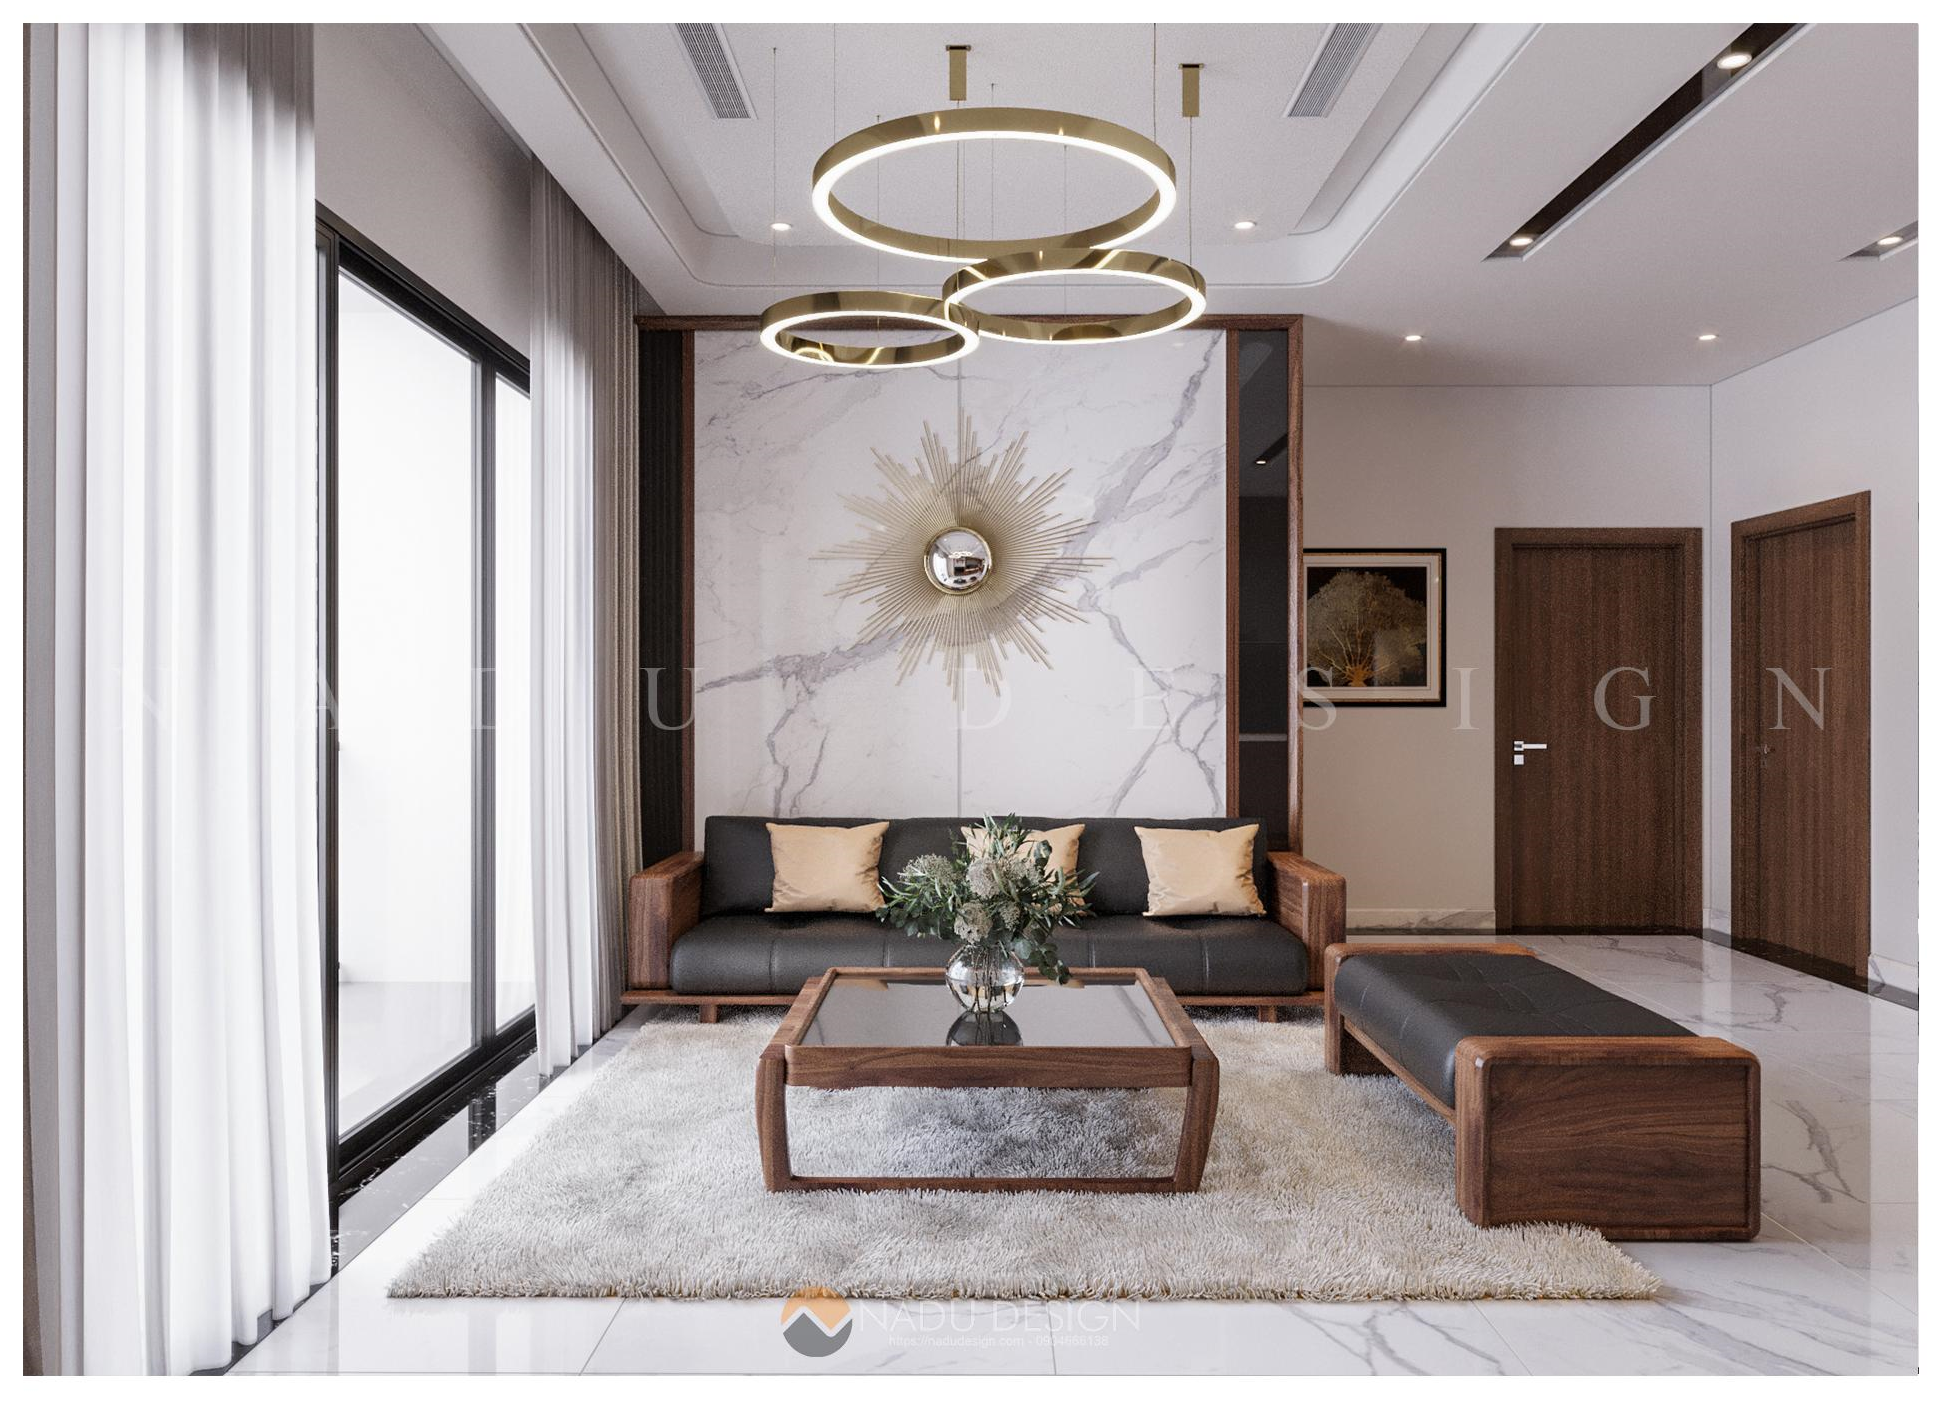 Tư vấn thiết kế nội thất chung cư chuẩn phong thủy